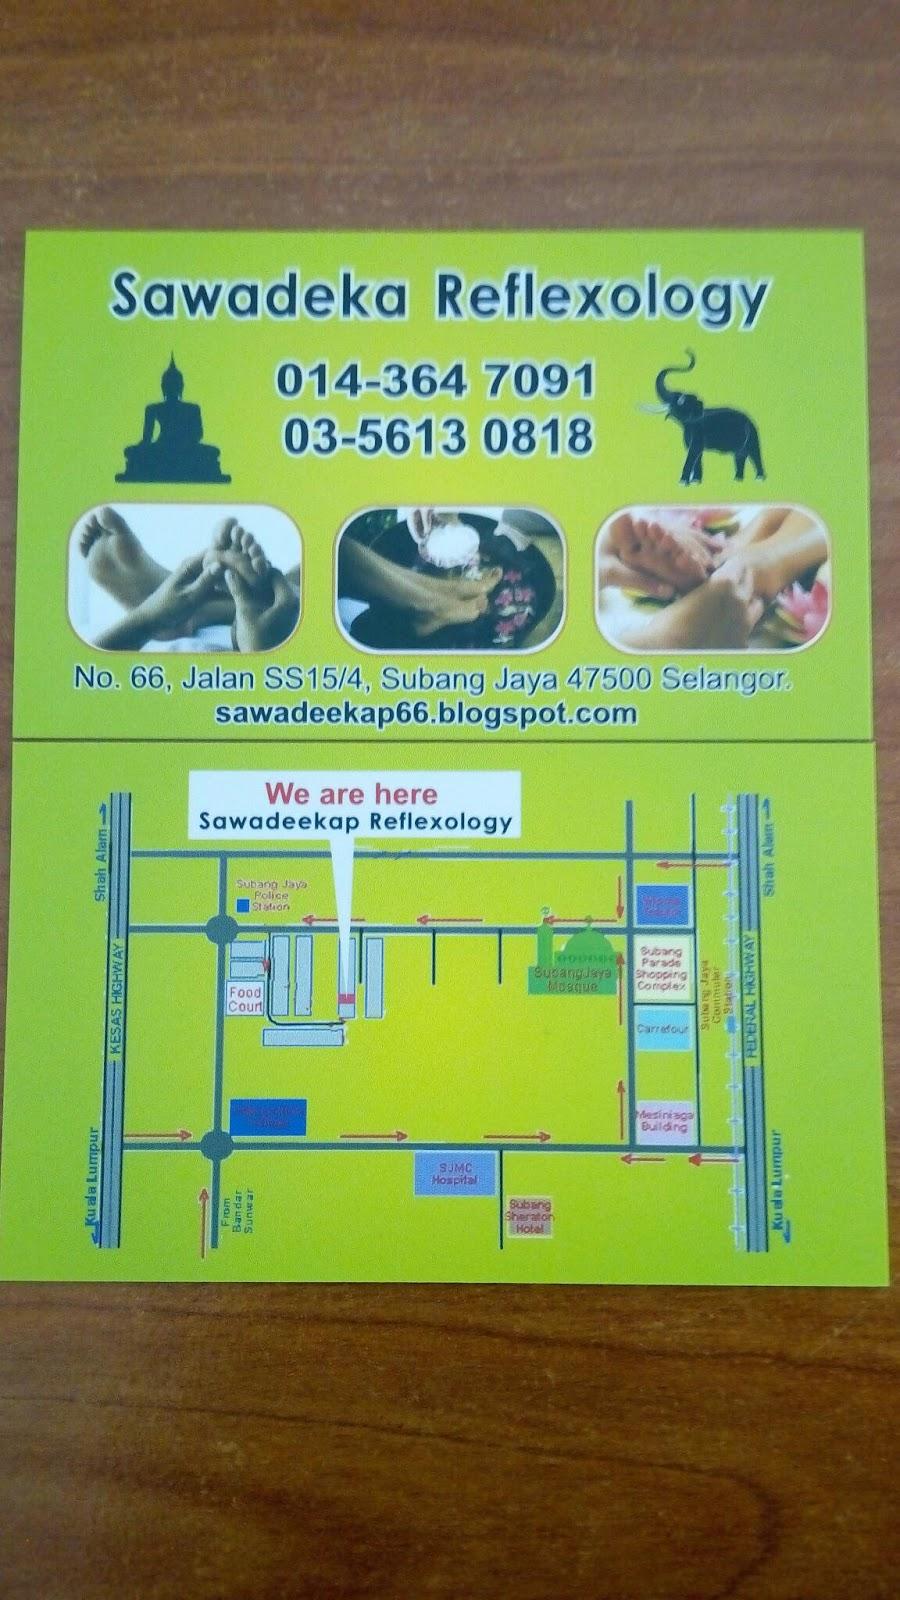 Sawadeka Thai foot and body massage   sawadeekap66 com